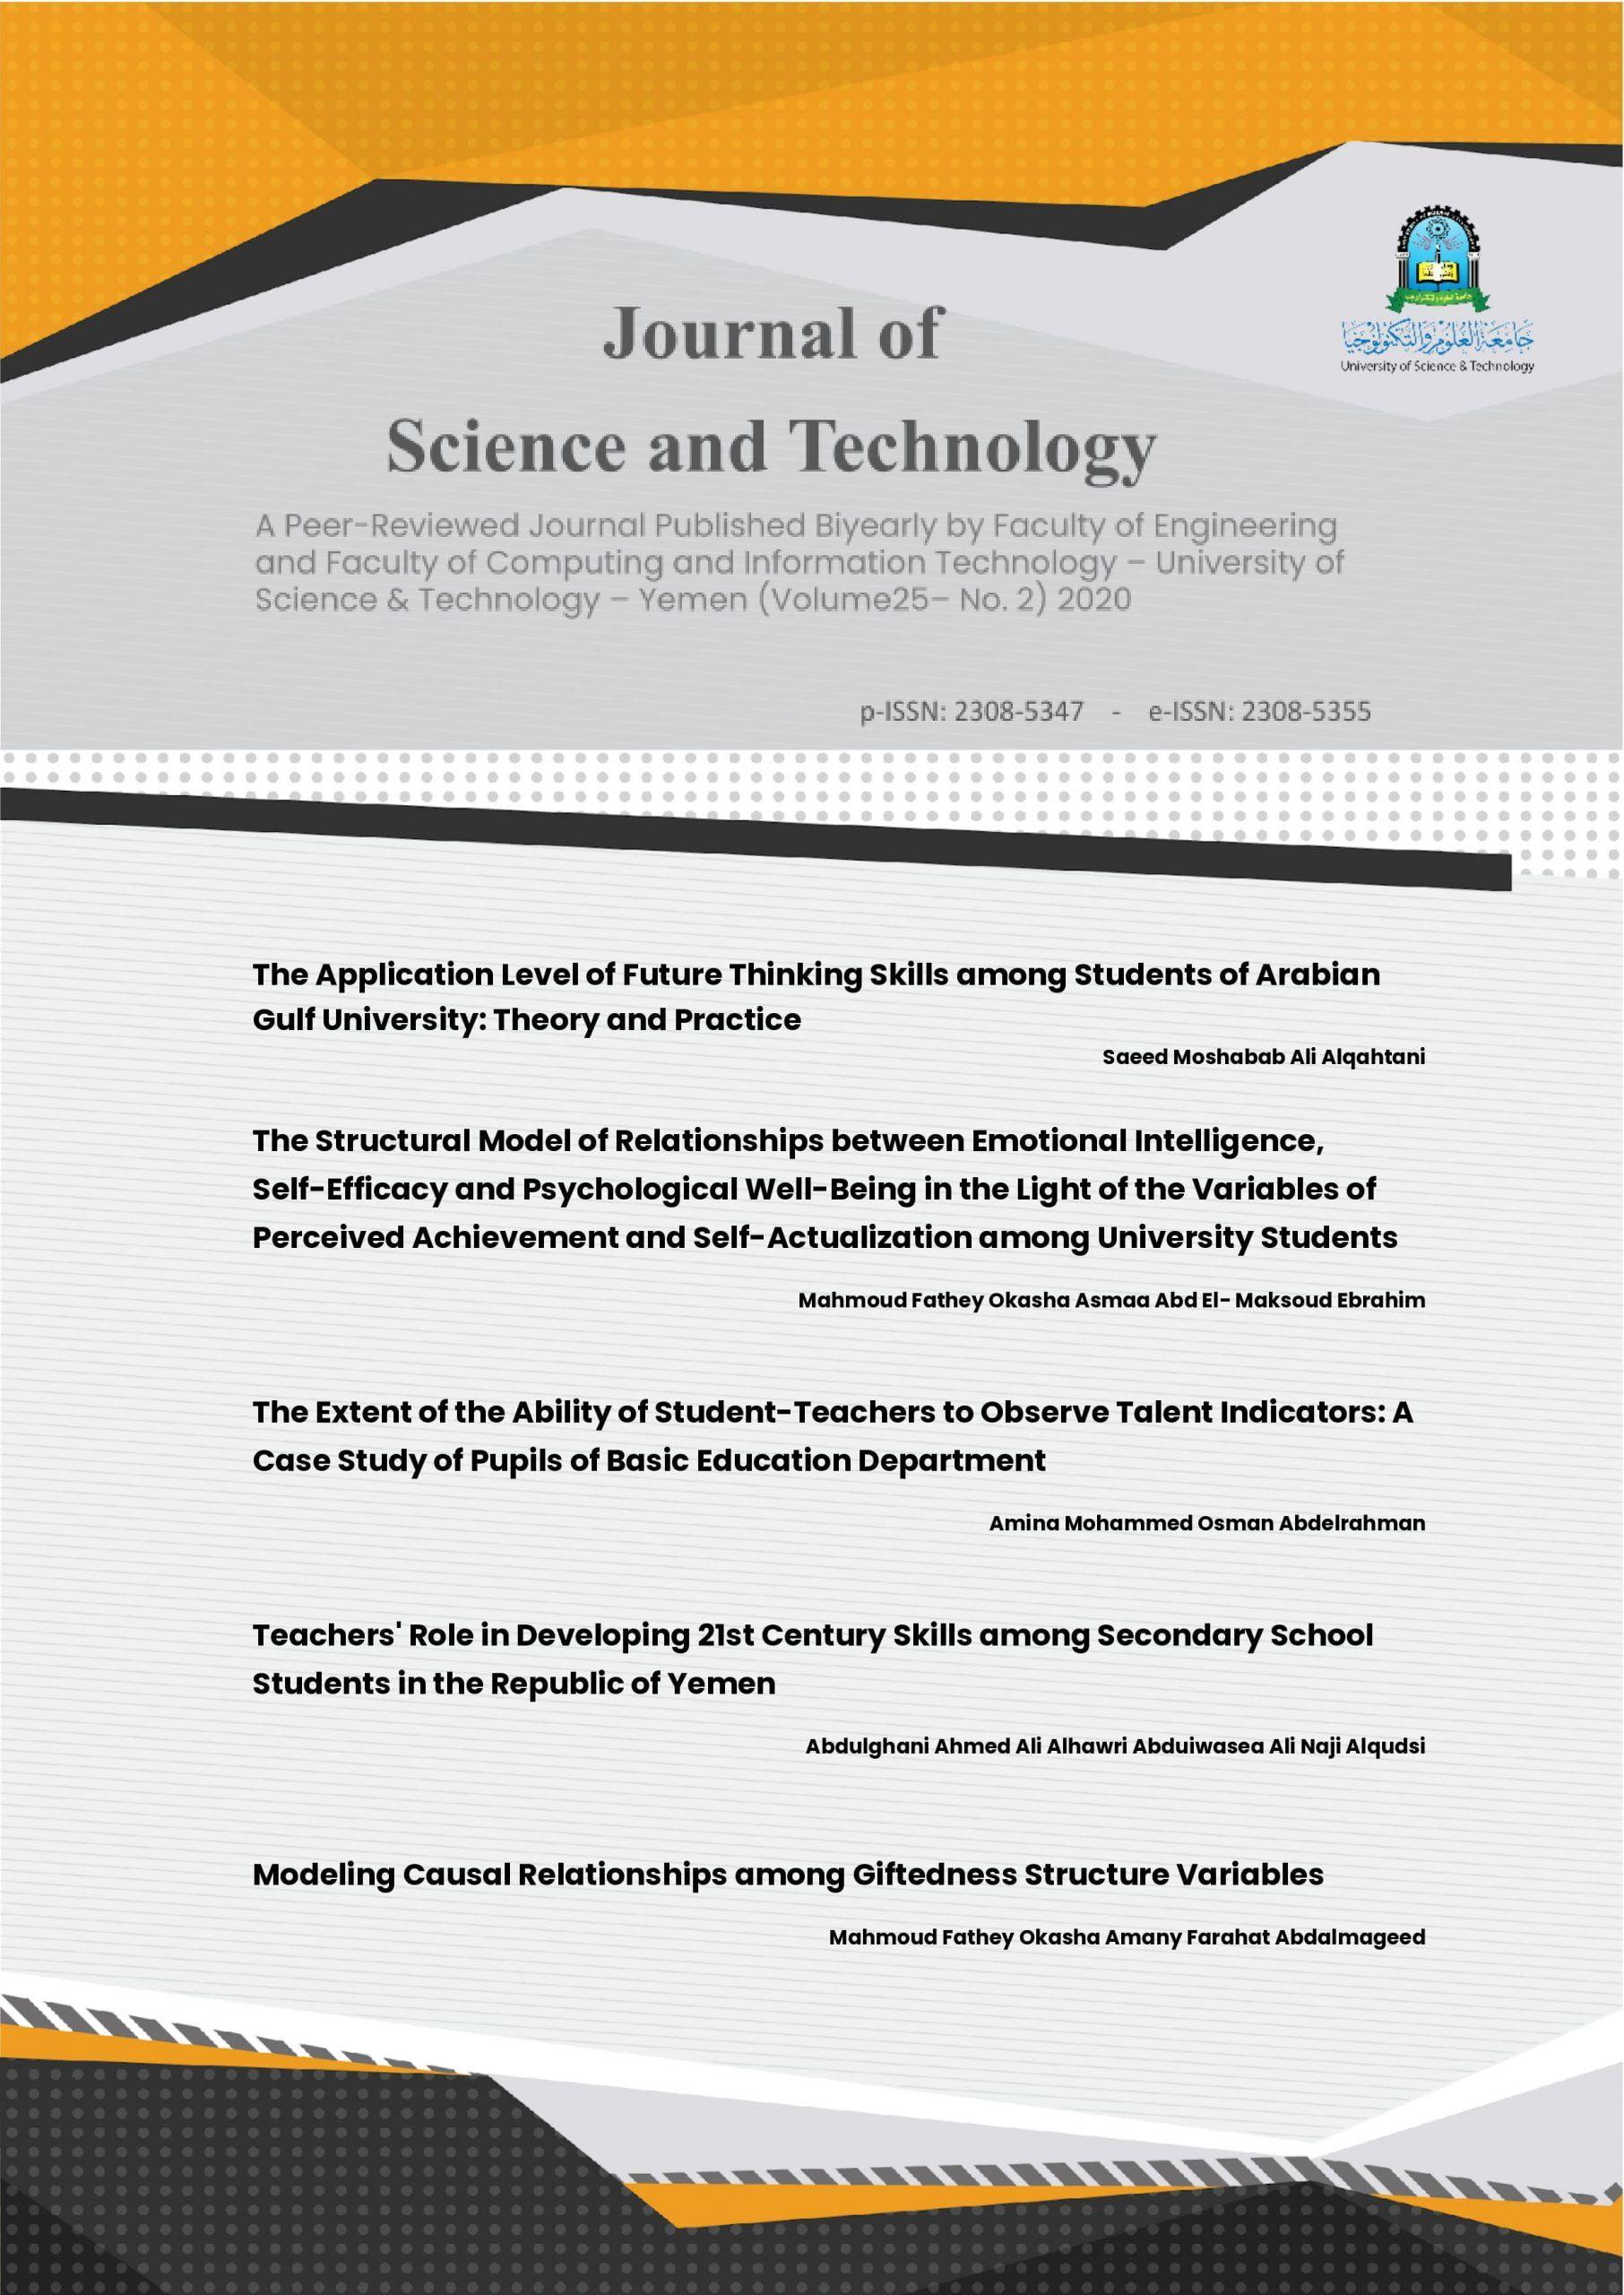 العلوم والتكنولوجيا